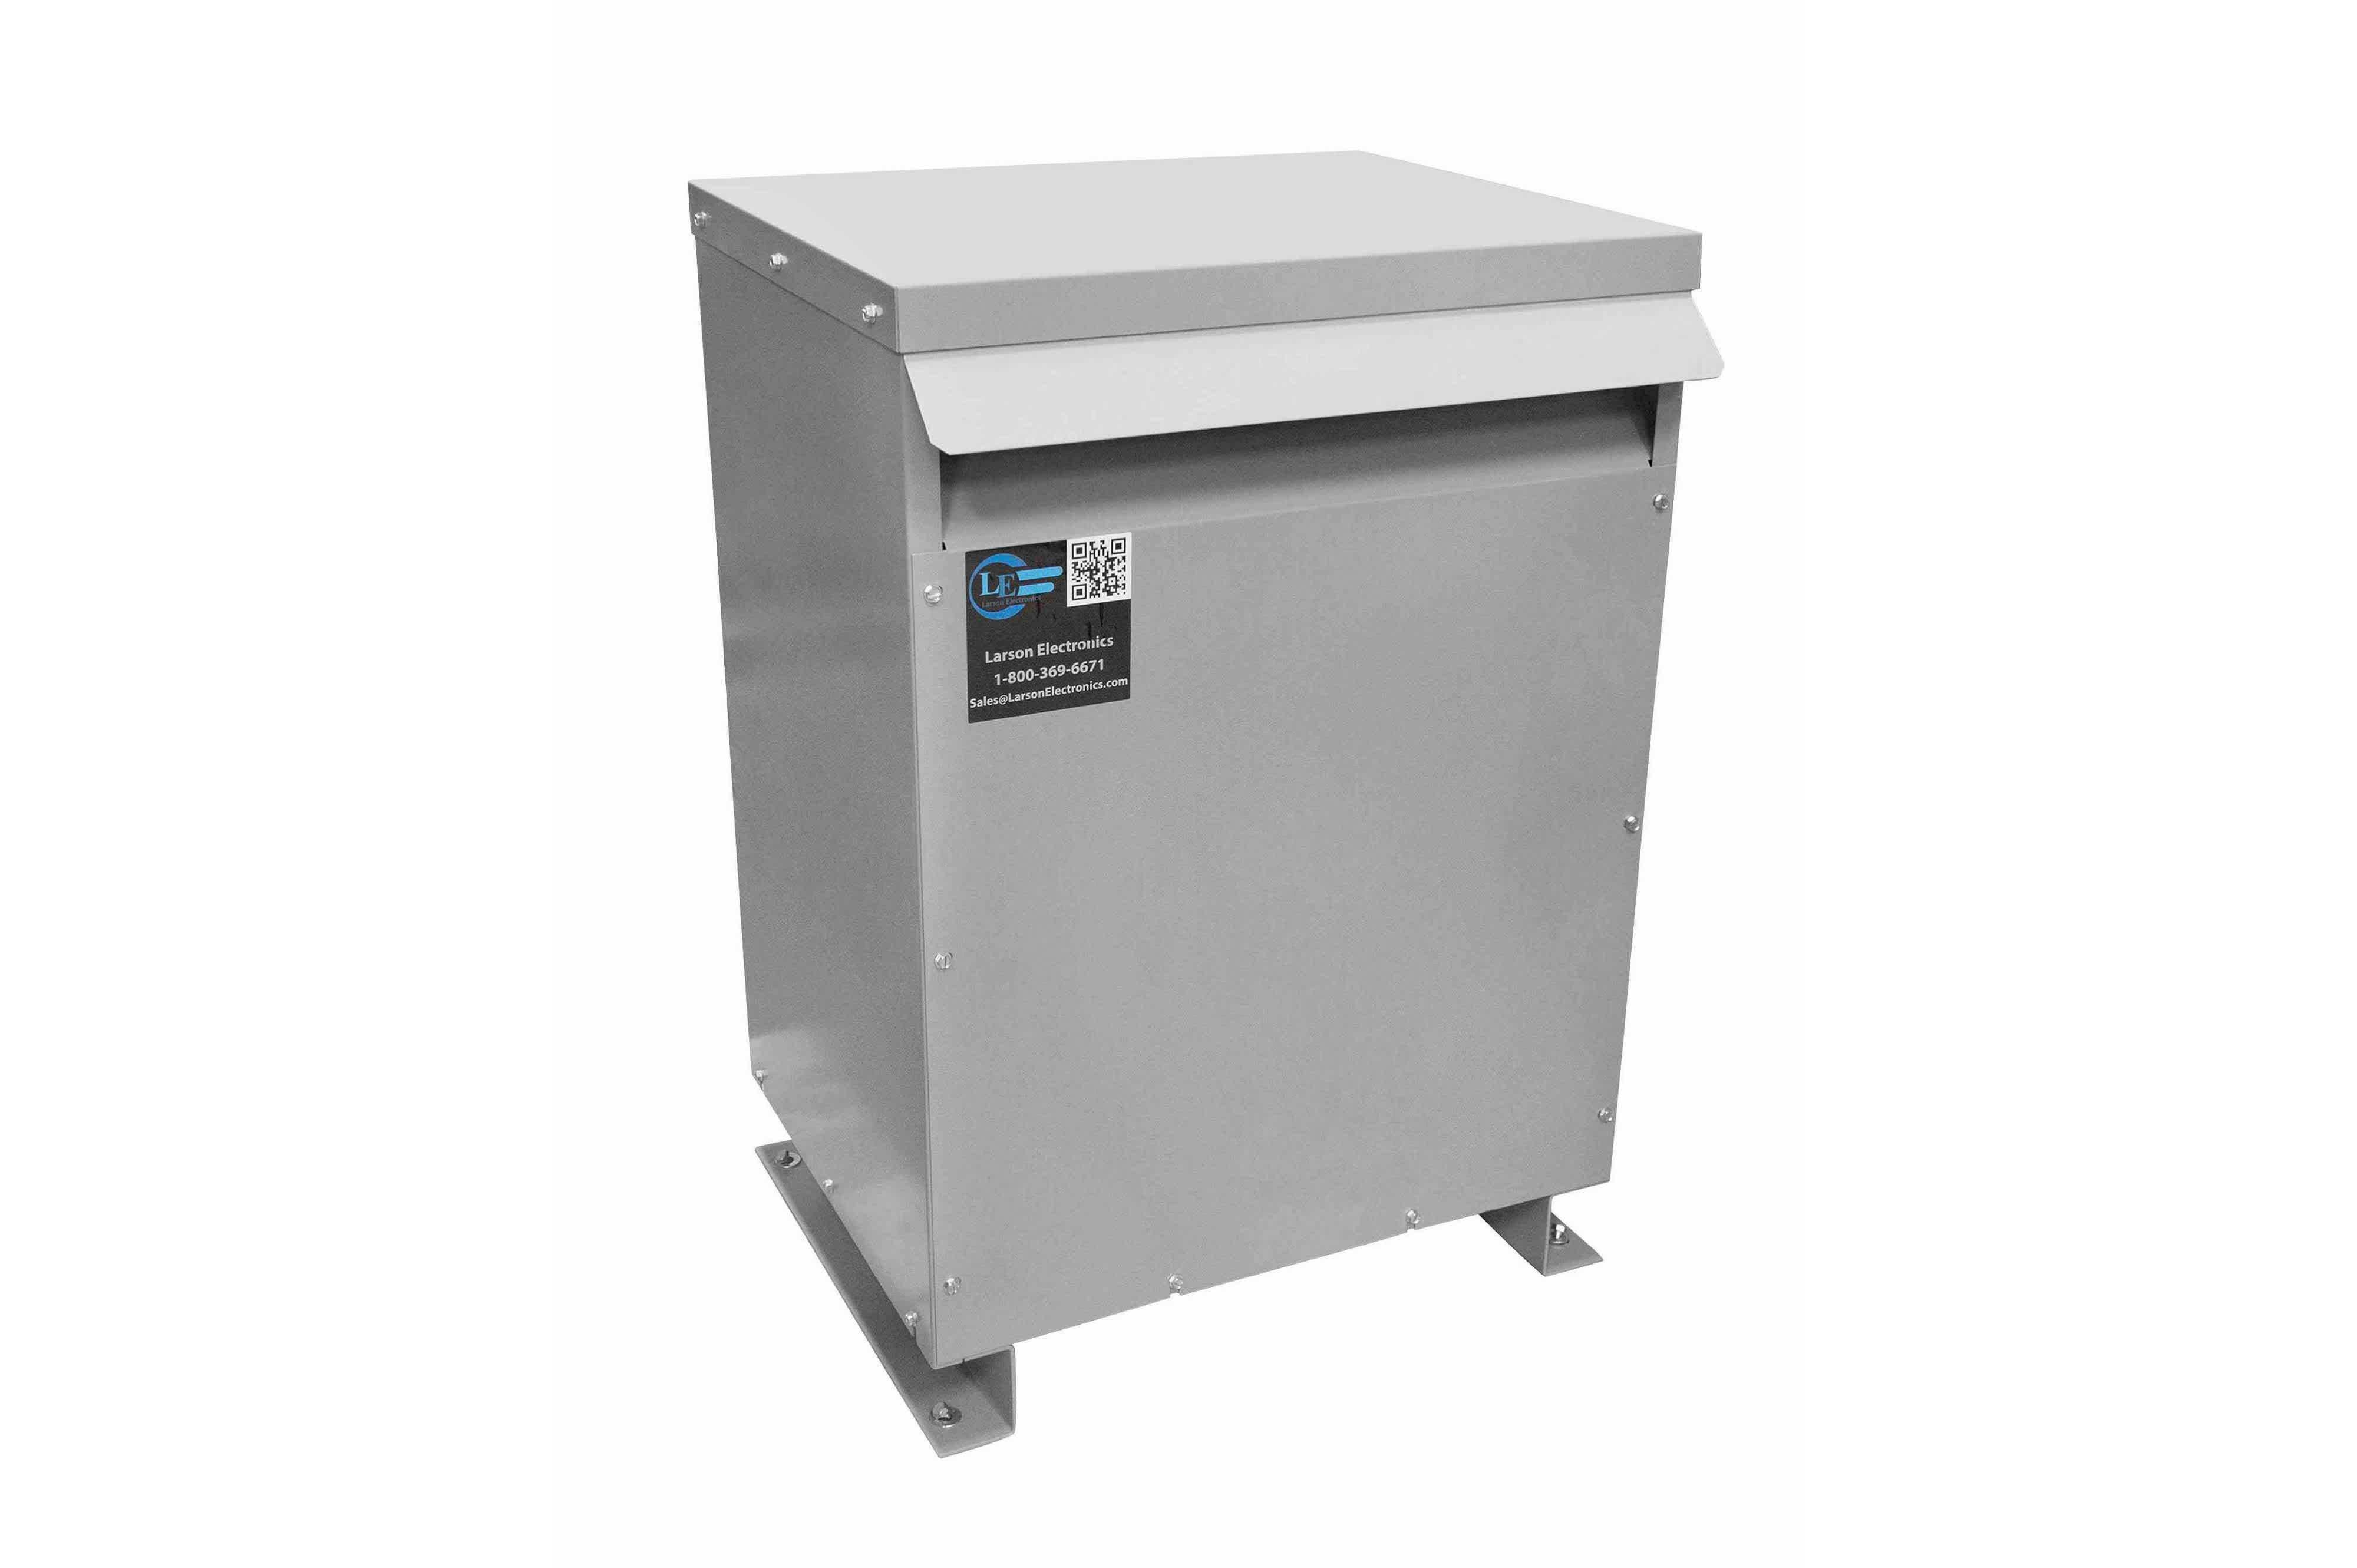 750 kVA 3PH Isolation Transformer, 460V Delta Primary, 415V Delta Secondary, N3R, Ventilated, 60 Hz